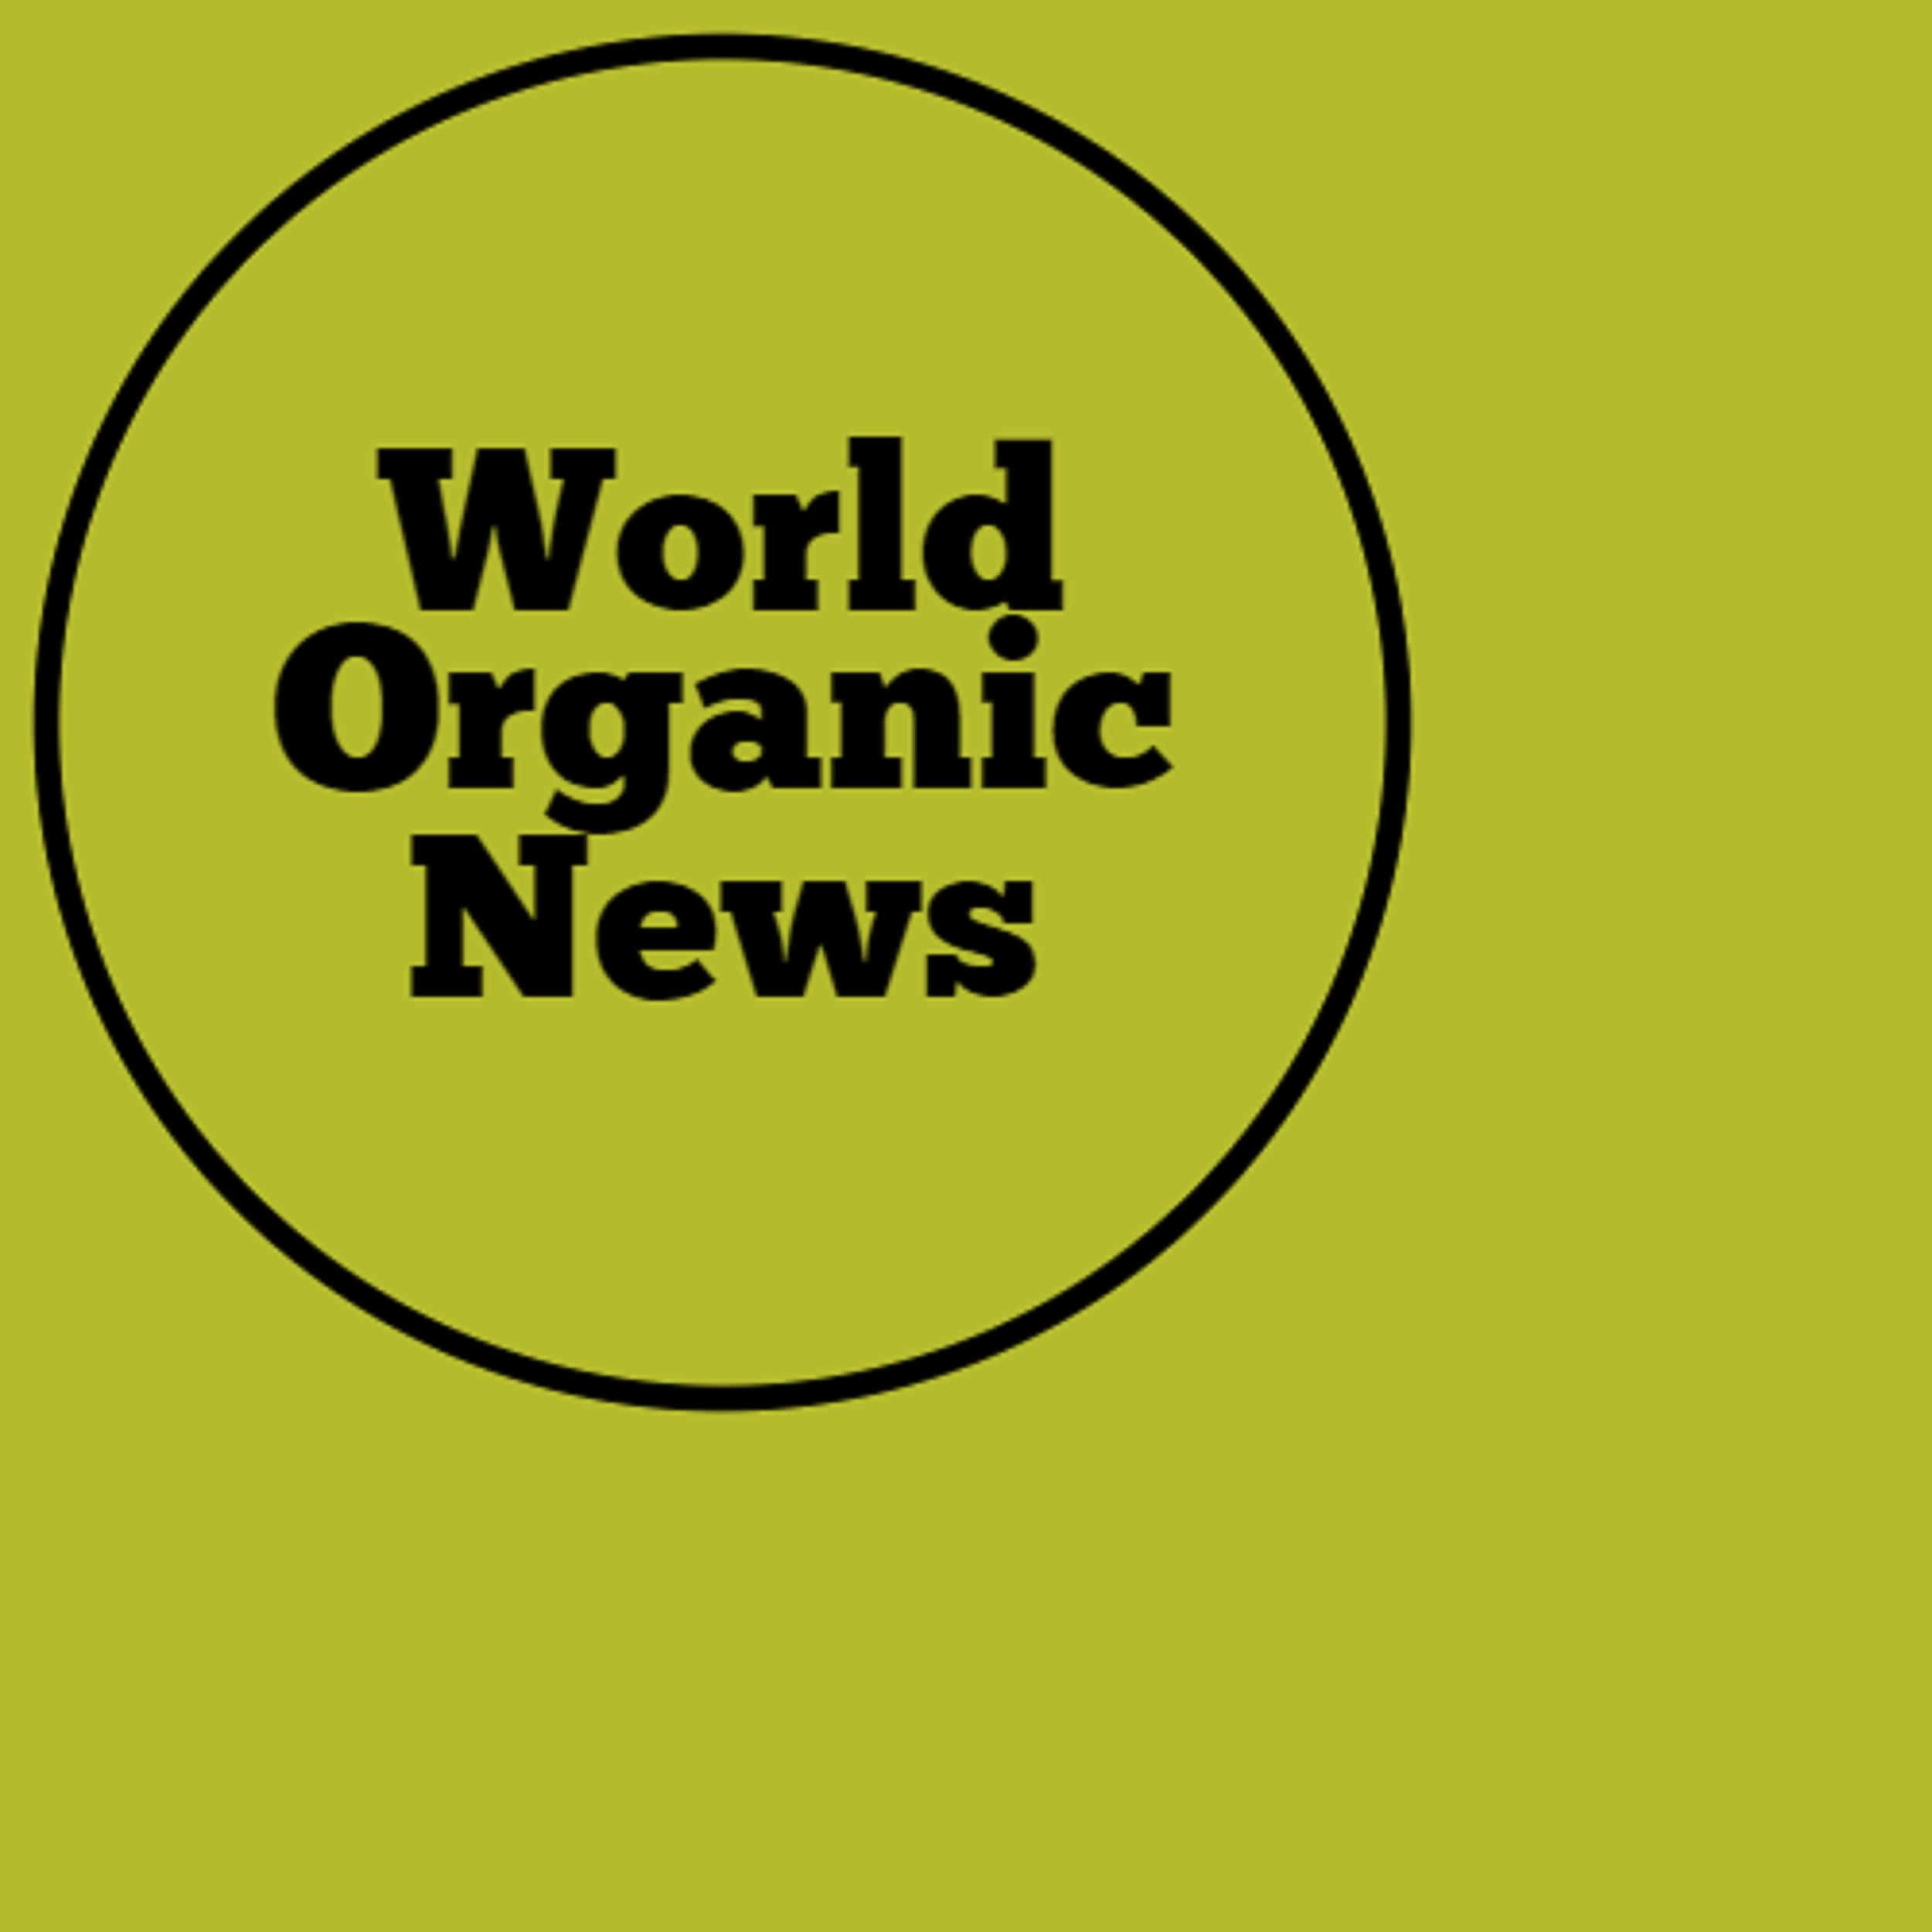 WORLD ORGANIC NEWS show art